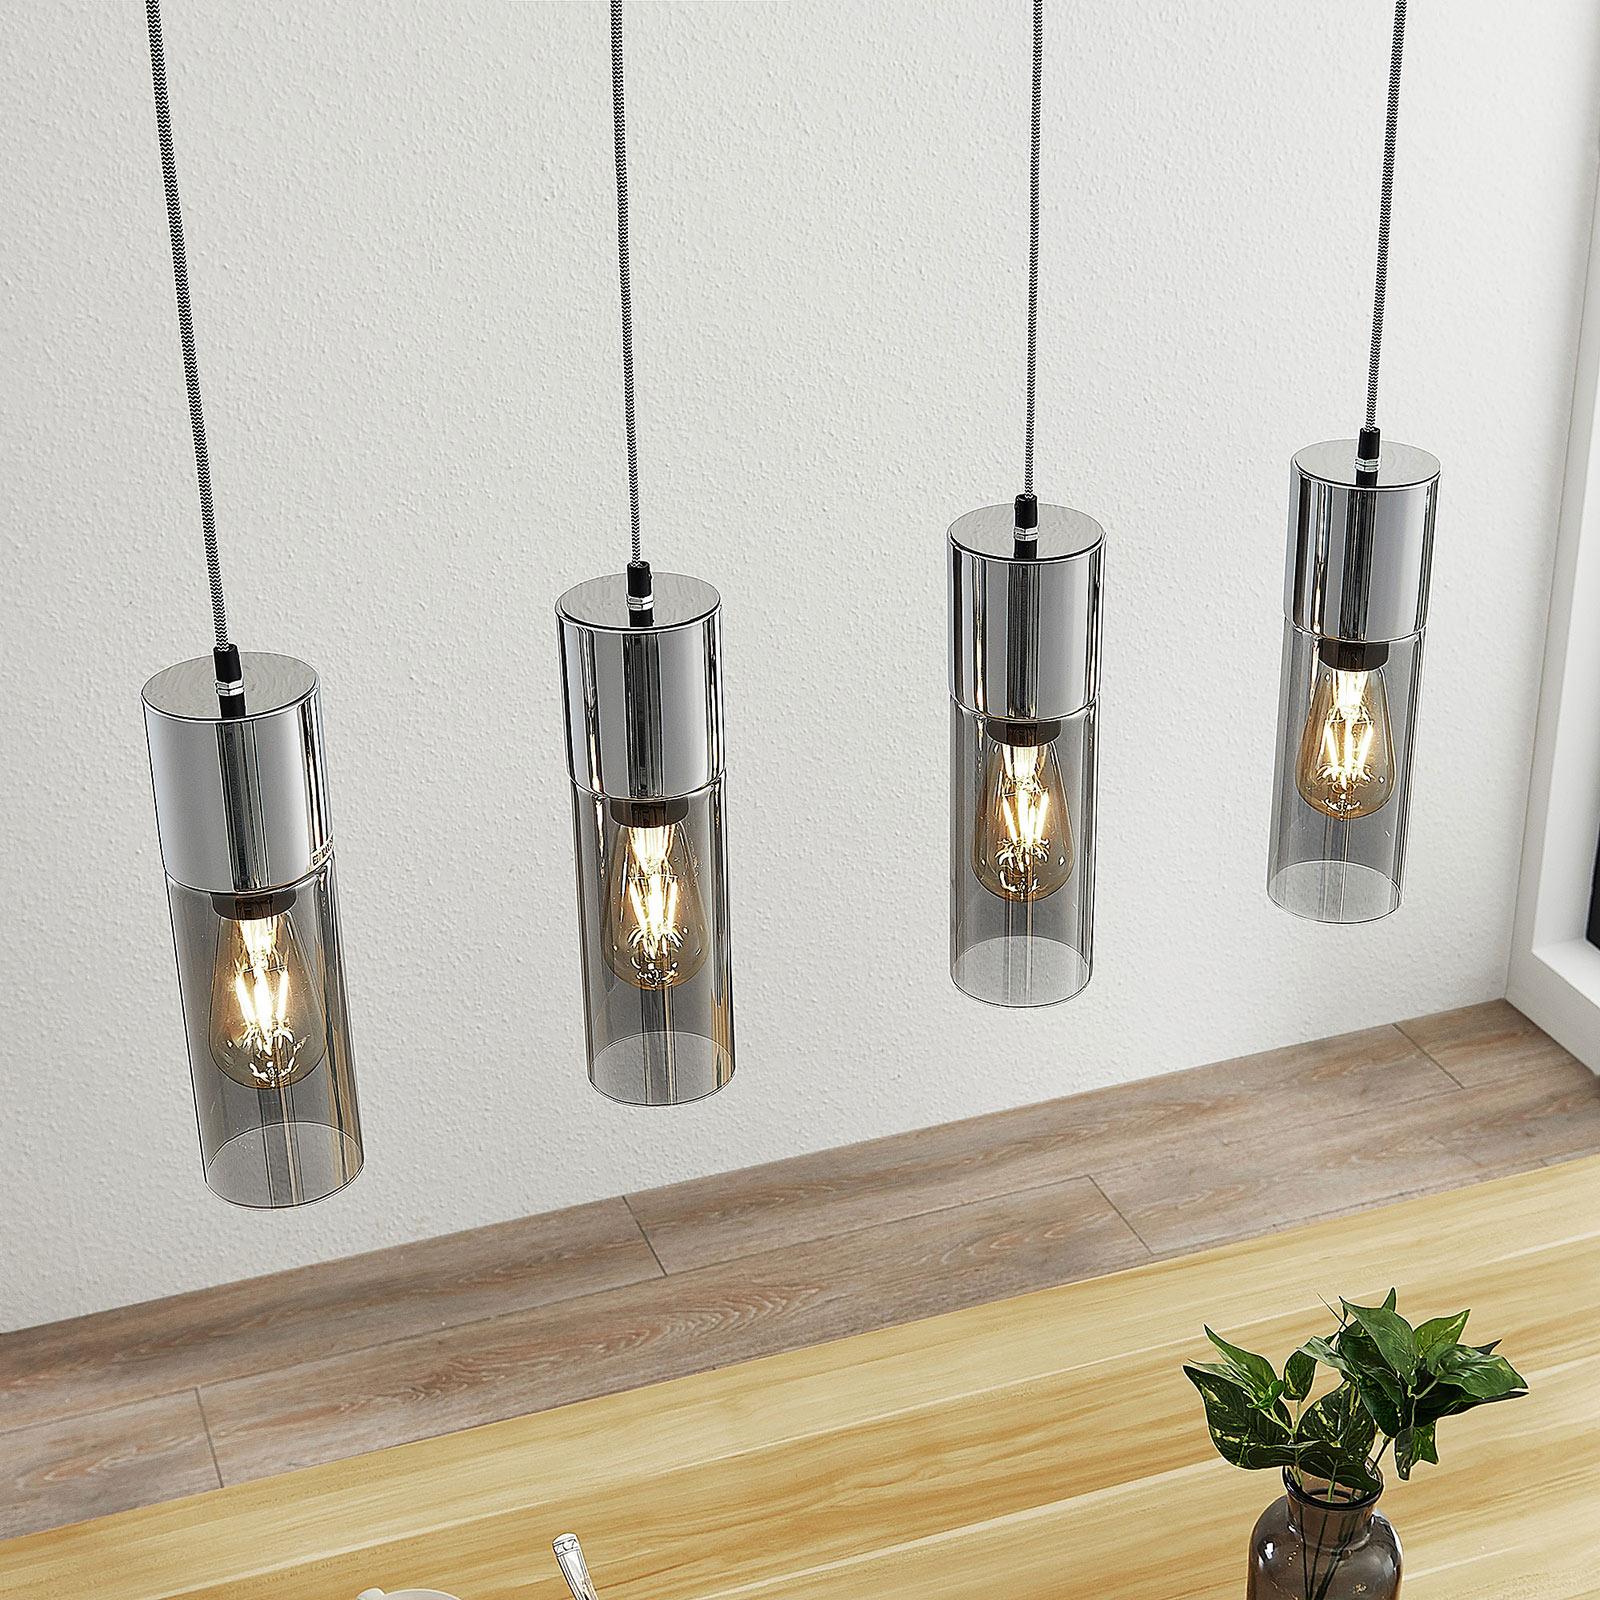 Hanglamp Eleen met 4 cilinder in rookglas